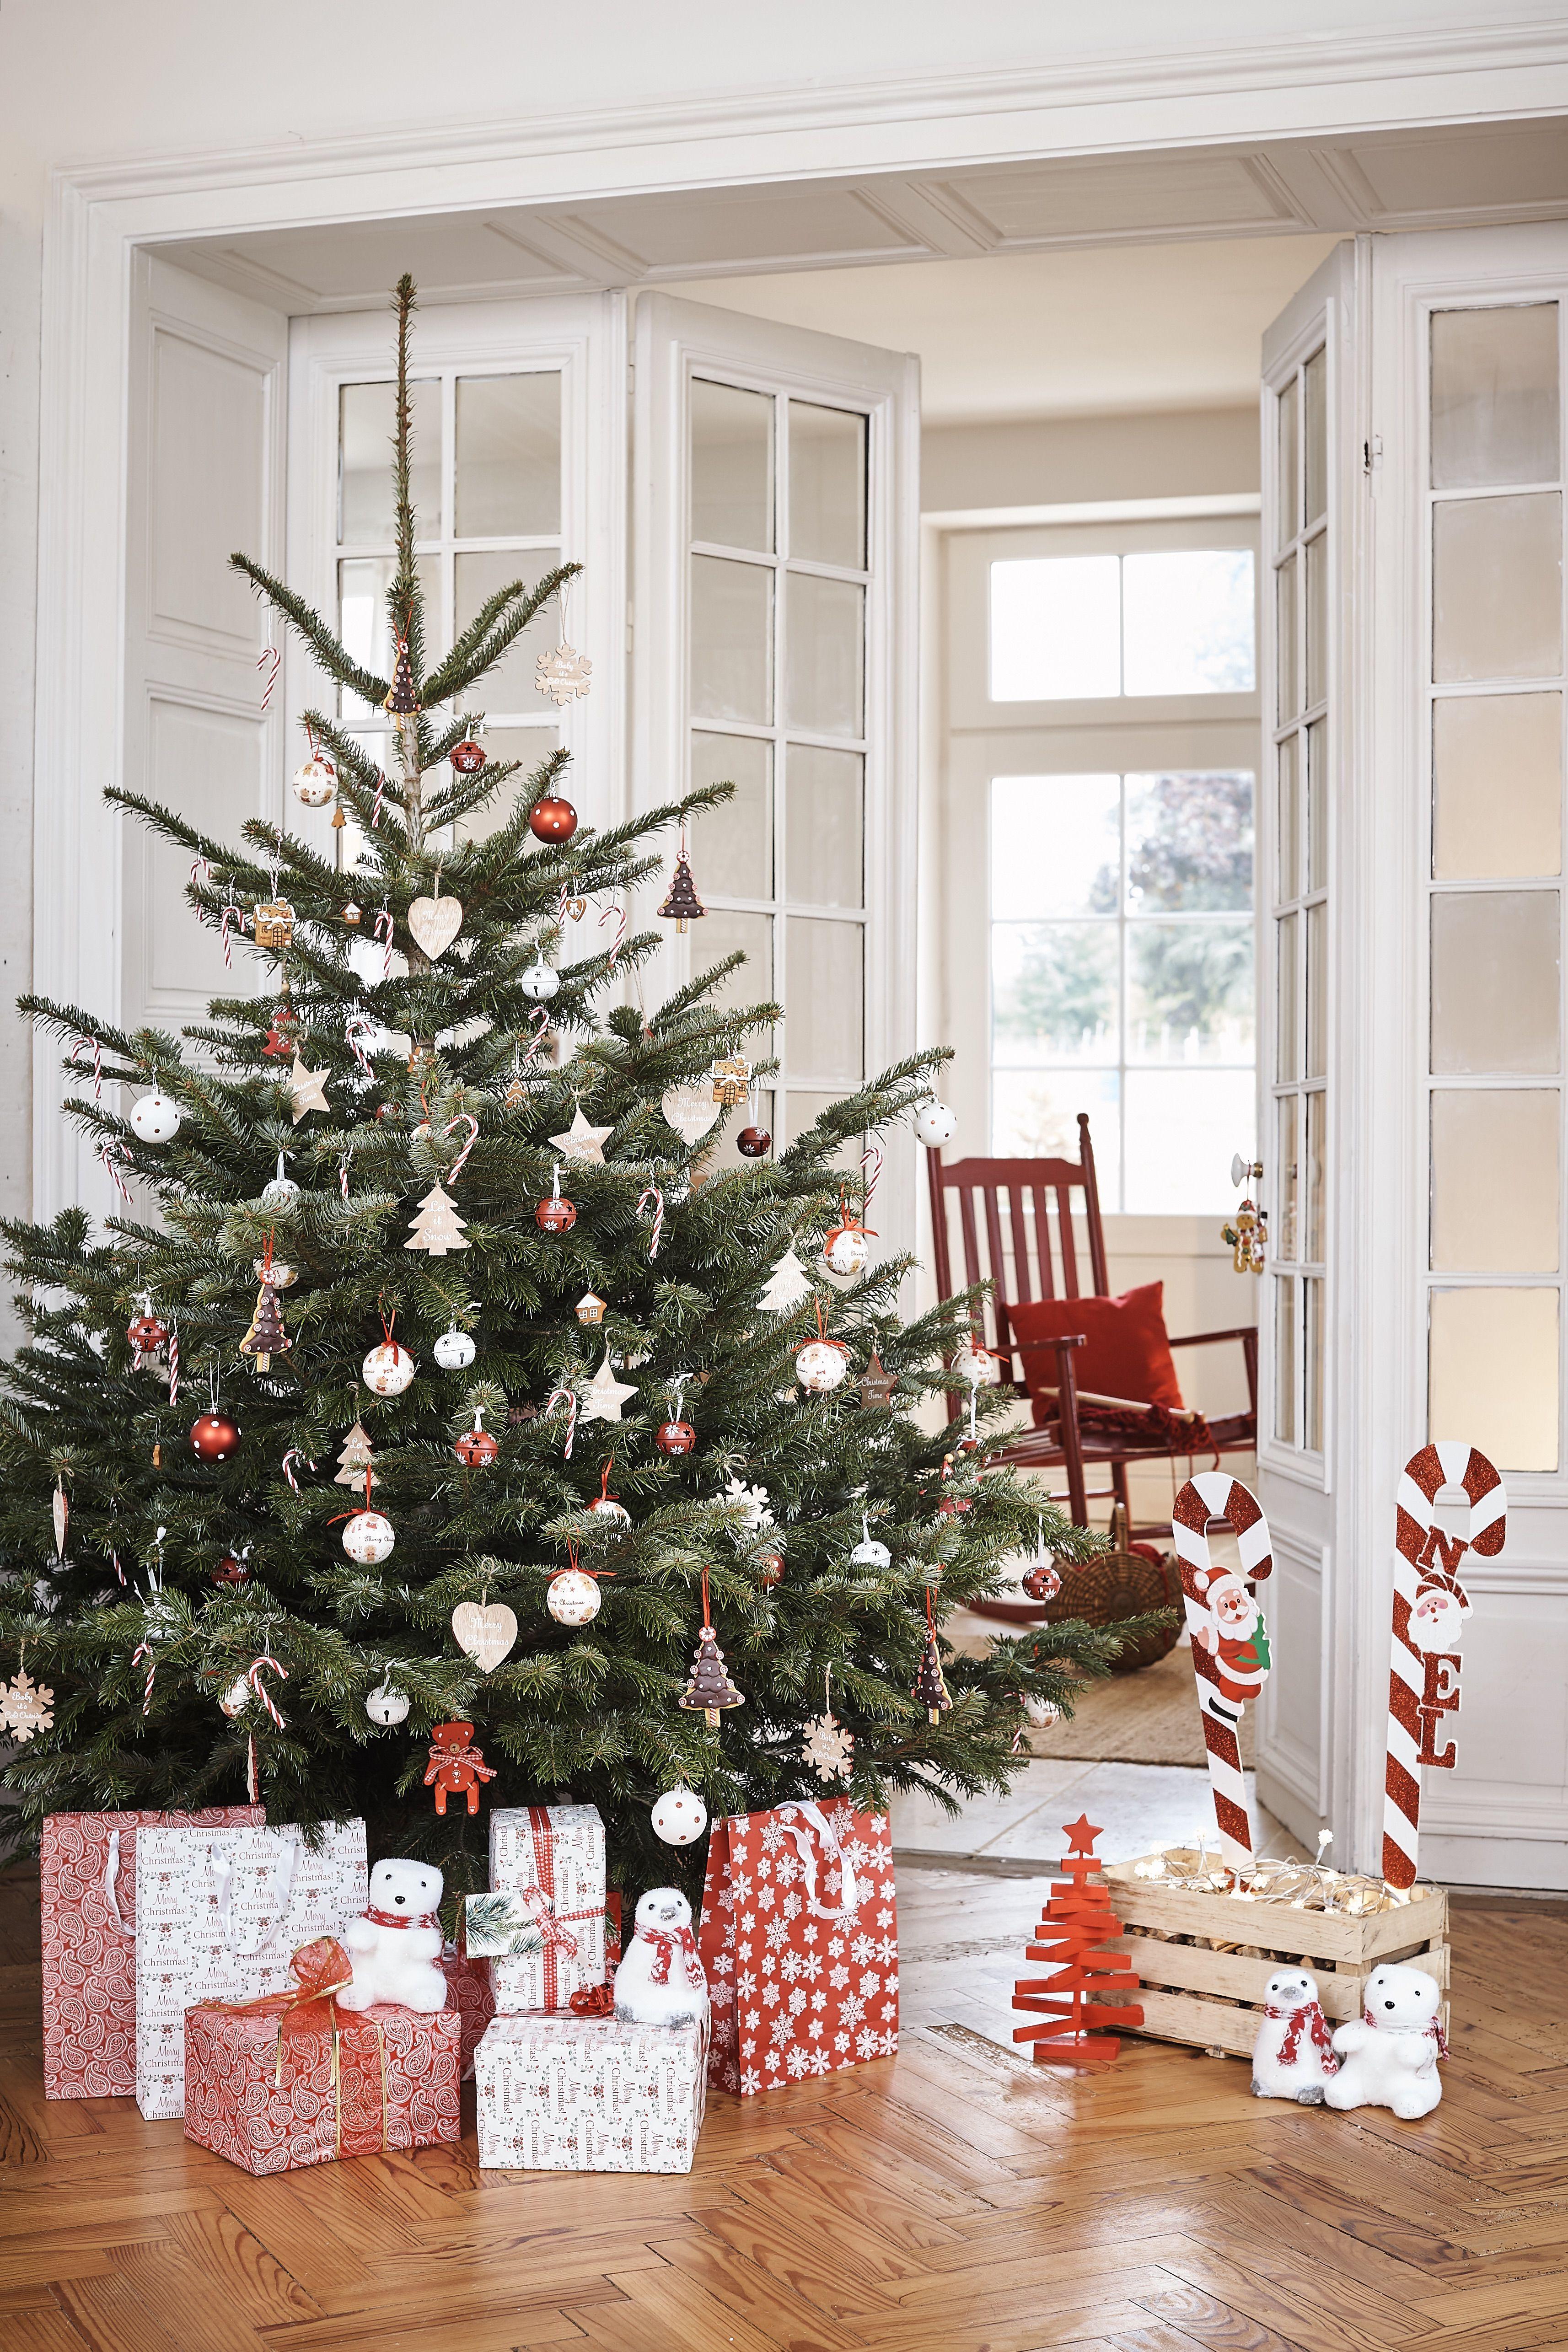 Sapin De Noel 2018 Le Choisir Le Decorer Le Jeter Decoration Noel Deco Noel Sapin Et Deco Noel Gifi